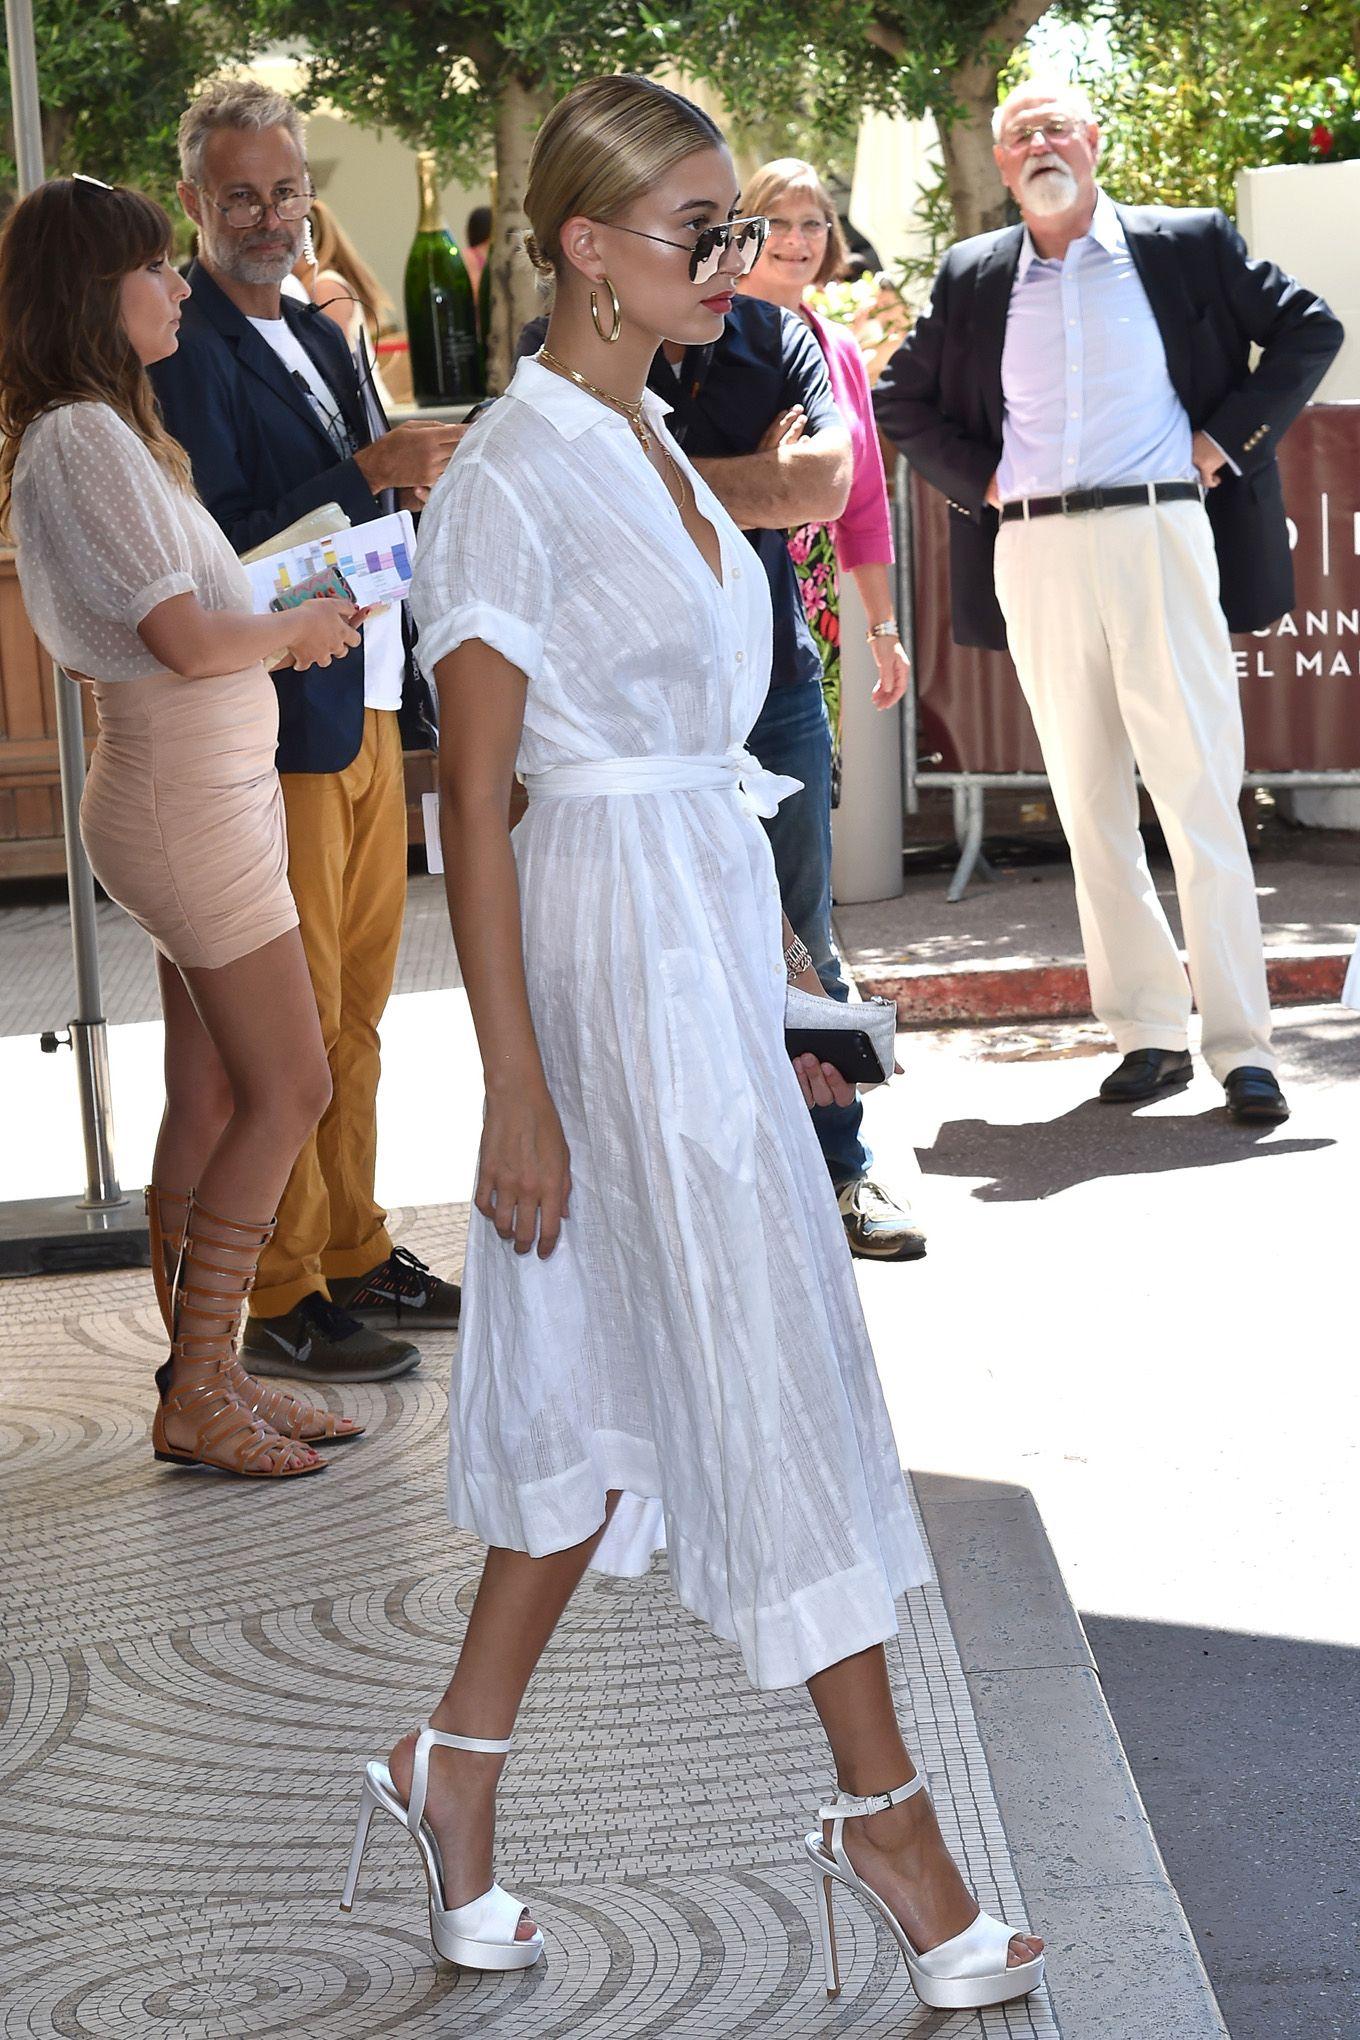 10 star che tu conosci sono completamente dipendenti dalle scarpe bianche, le indossano sempre e in situazioni diverse: scopri chi sono e copia i loro bellissimi look.